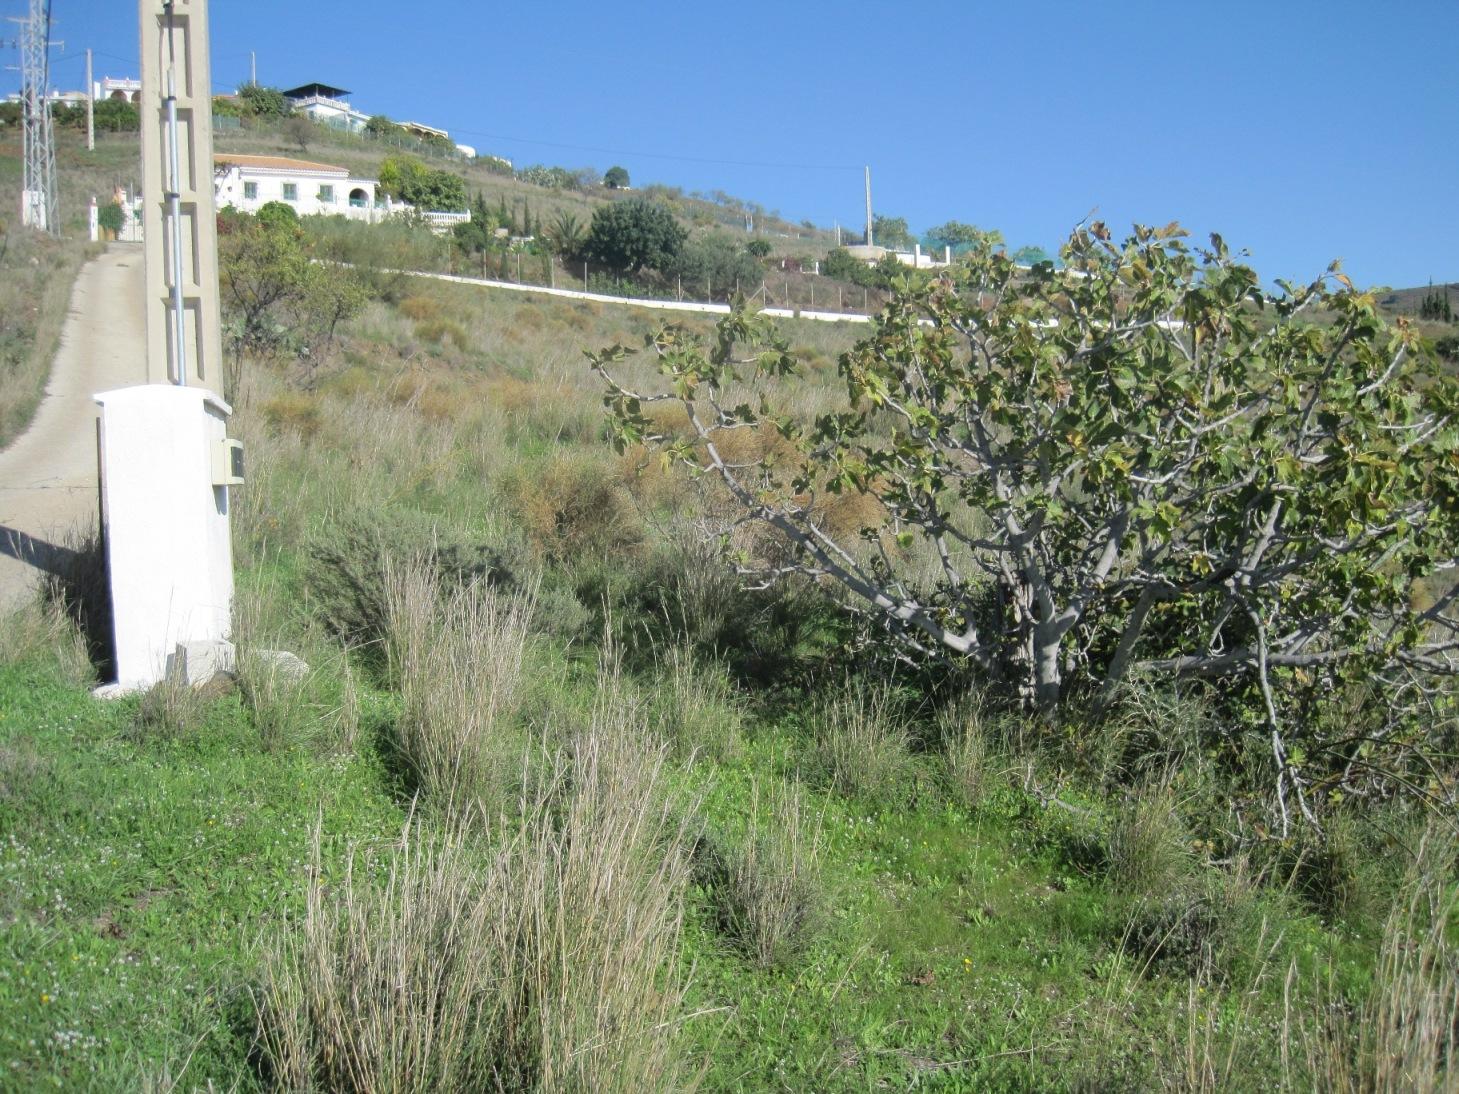 Vente terrain agricole salobre a granada andalucia for Agrandissement maison terrain agricole